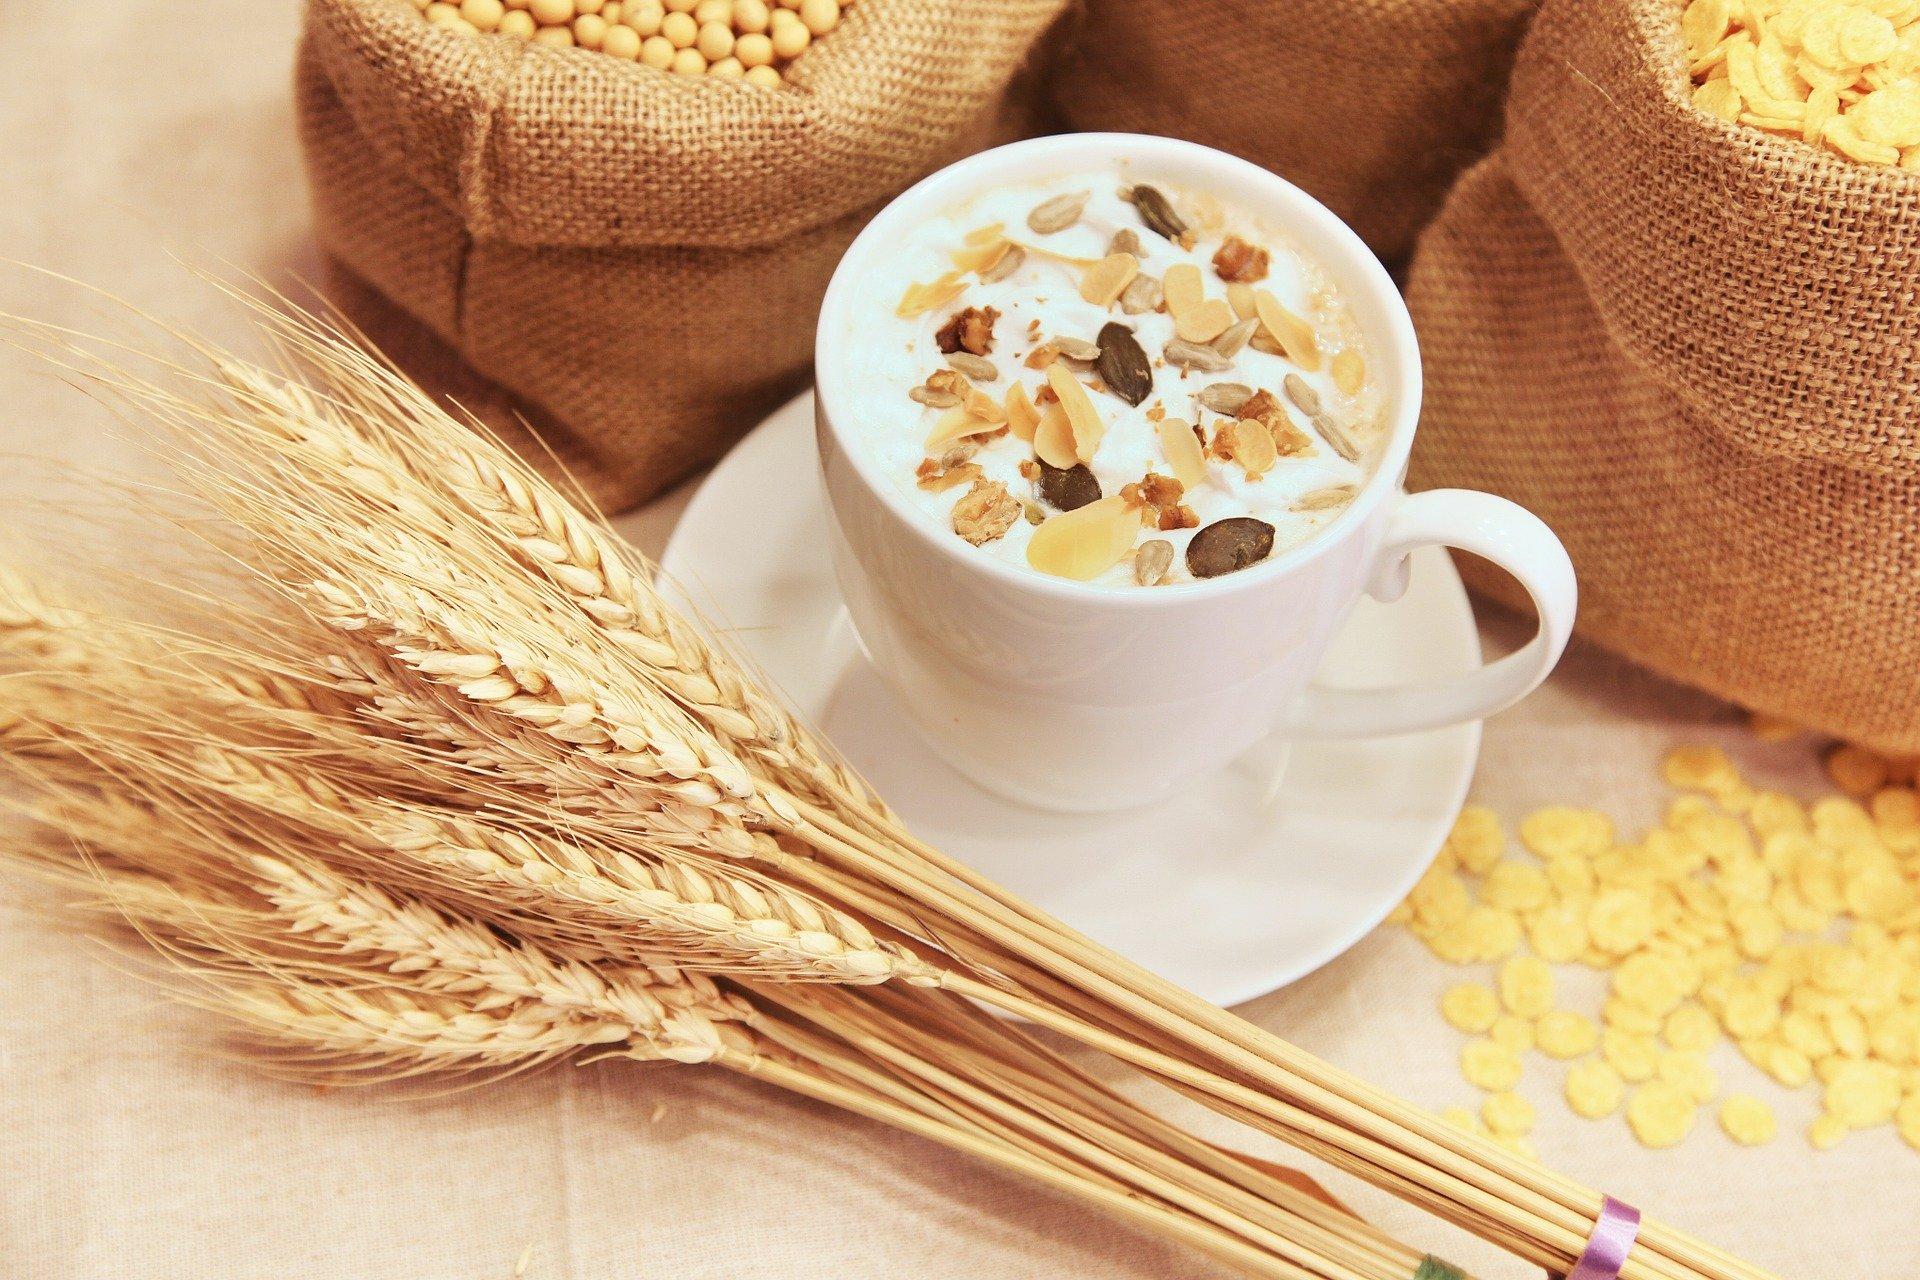 mesa-habla-cereales-dieta-mediterranea